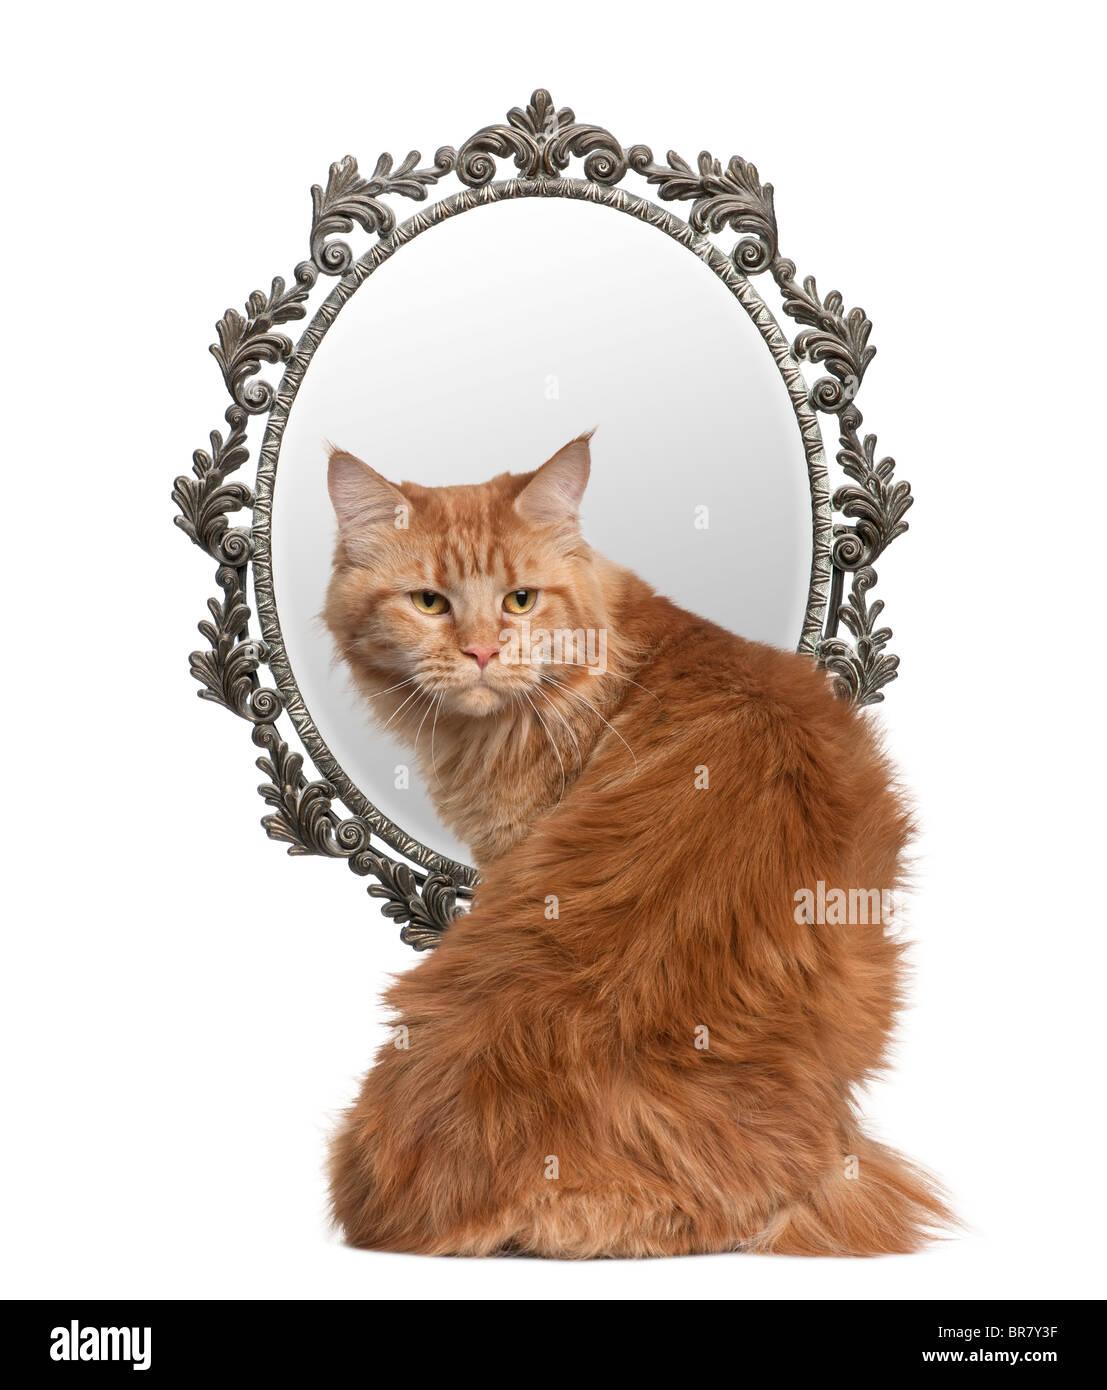 Retour à la Cat avec un miroir en arrière-plan sur fond blanc Photo Stock